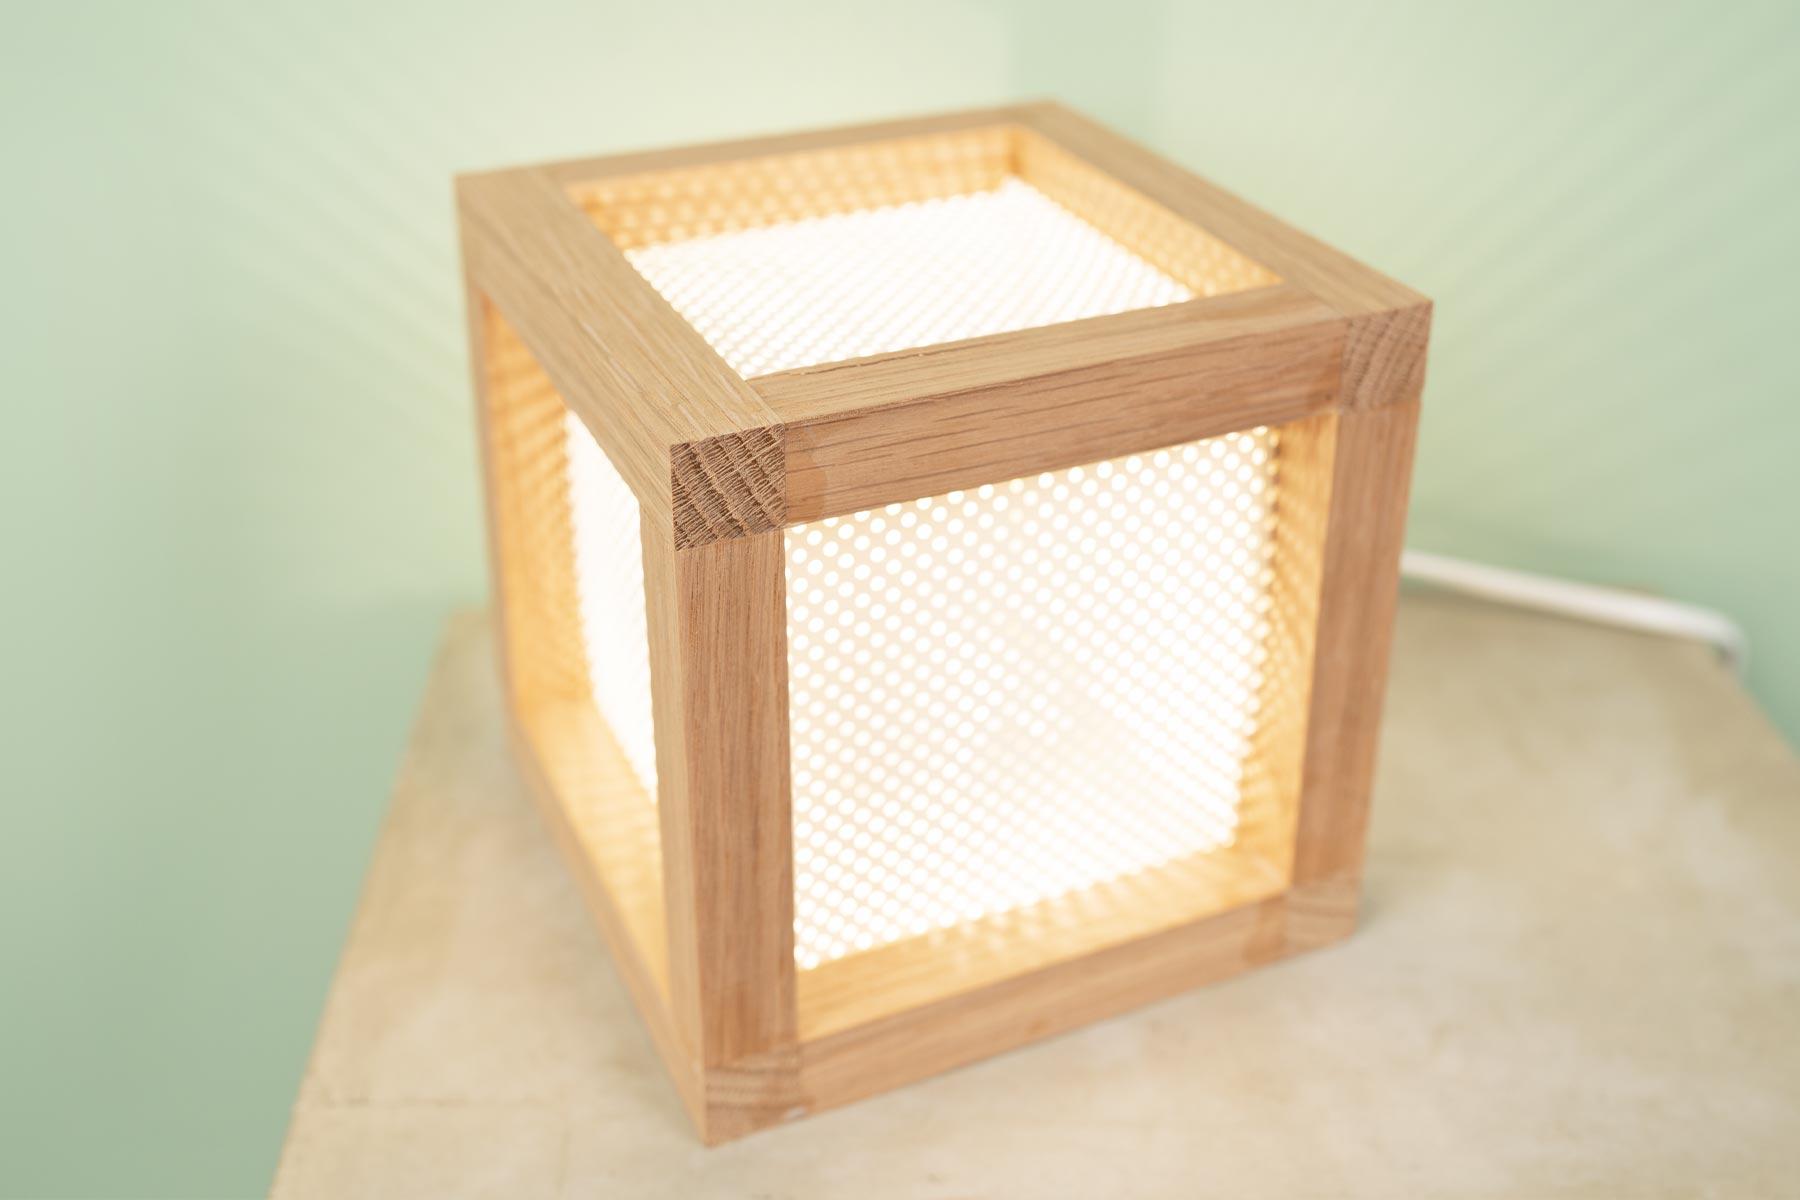 Full Size of Wohnzimmer Lampe Selber Bauen Indirekte Beleuchtung Selbst Machen Led Holz Leuchte Einbauküche Deckenlampen Modern Bilder Fürs Deckenlampe Tapete Lampen Bett Wohnzimmer Wohnzimmer Lampe Selber Bauen